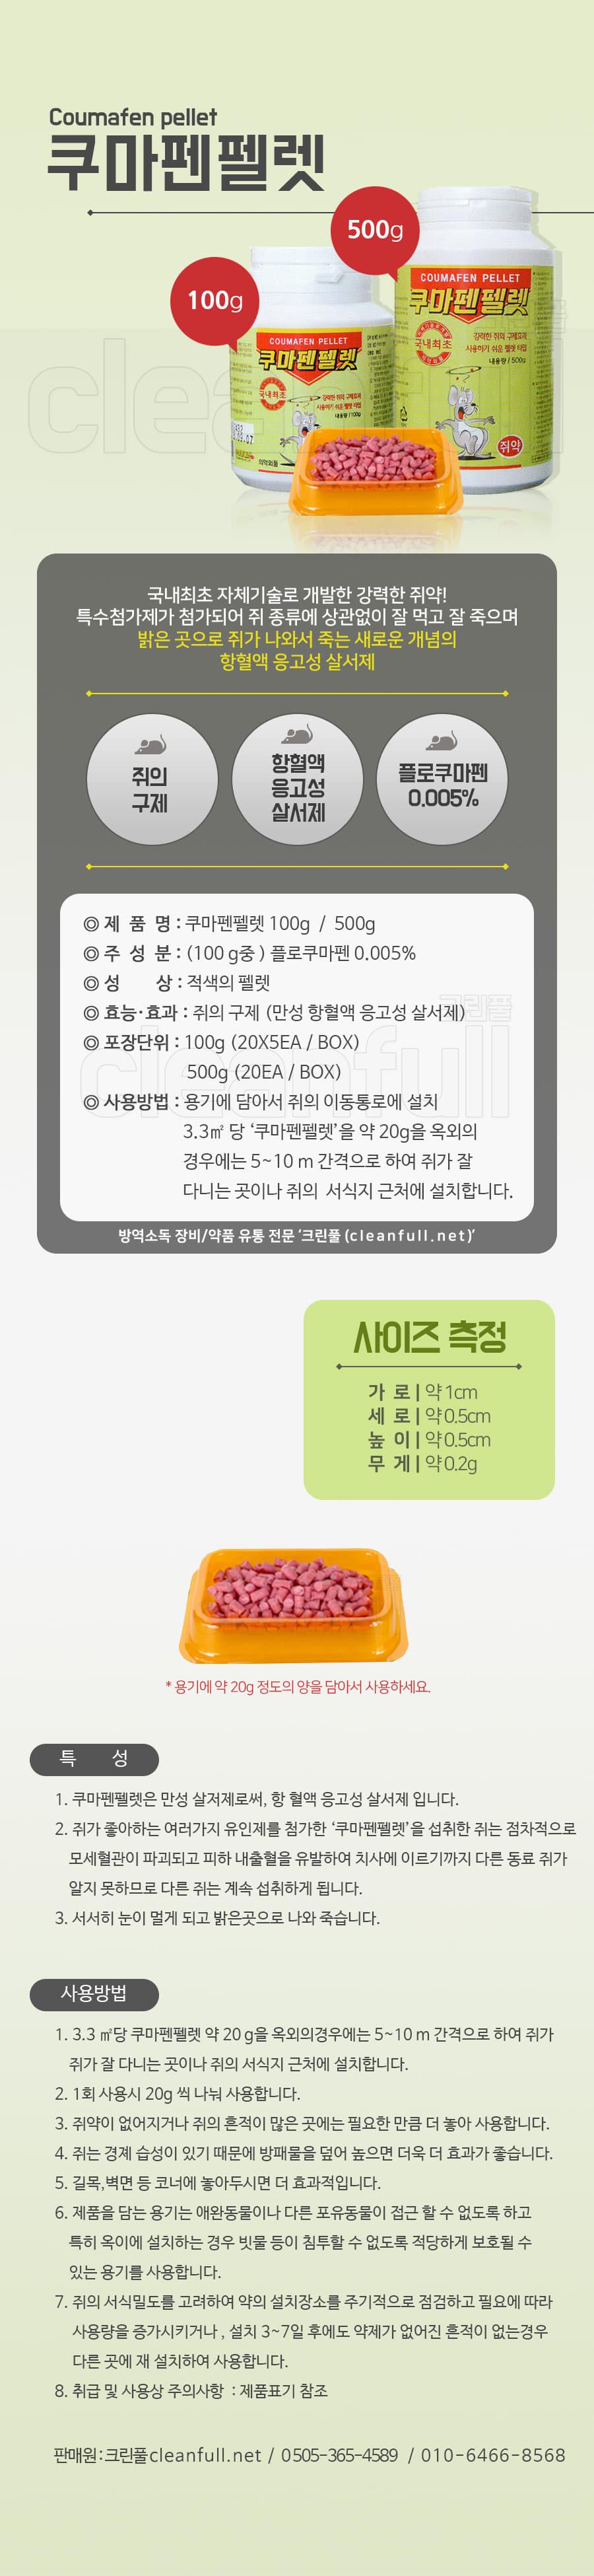 [B2B/도매] 쿠마펜펠렛 500g 상세페이지_쥐약_쥐구제_살서제_플로쿠마펜 사용_국보싸이언스(국보제약)